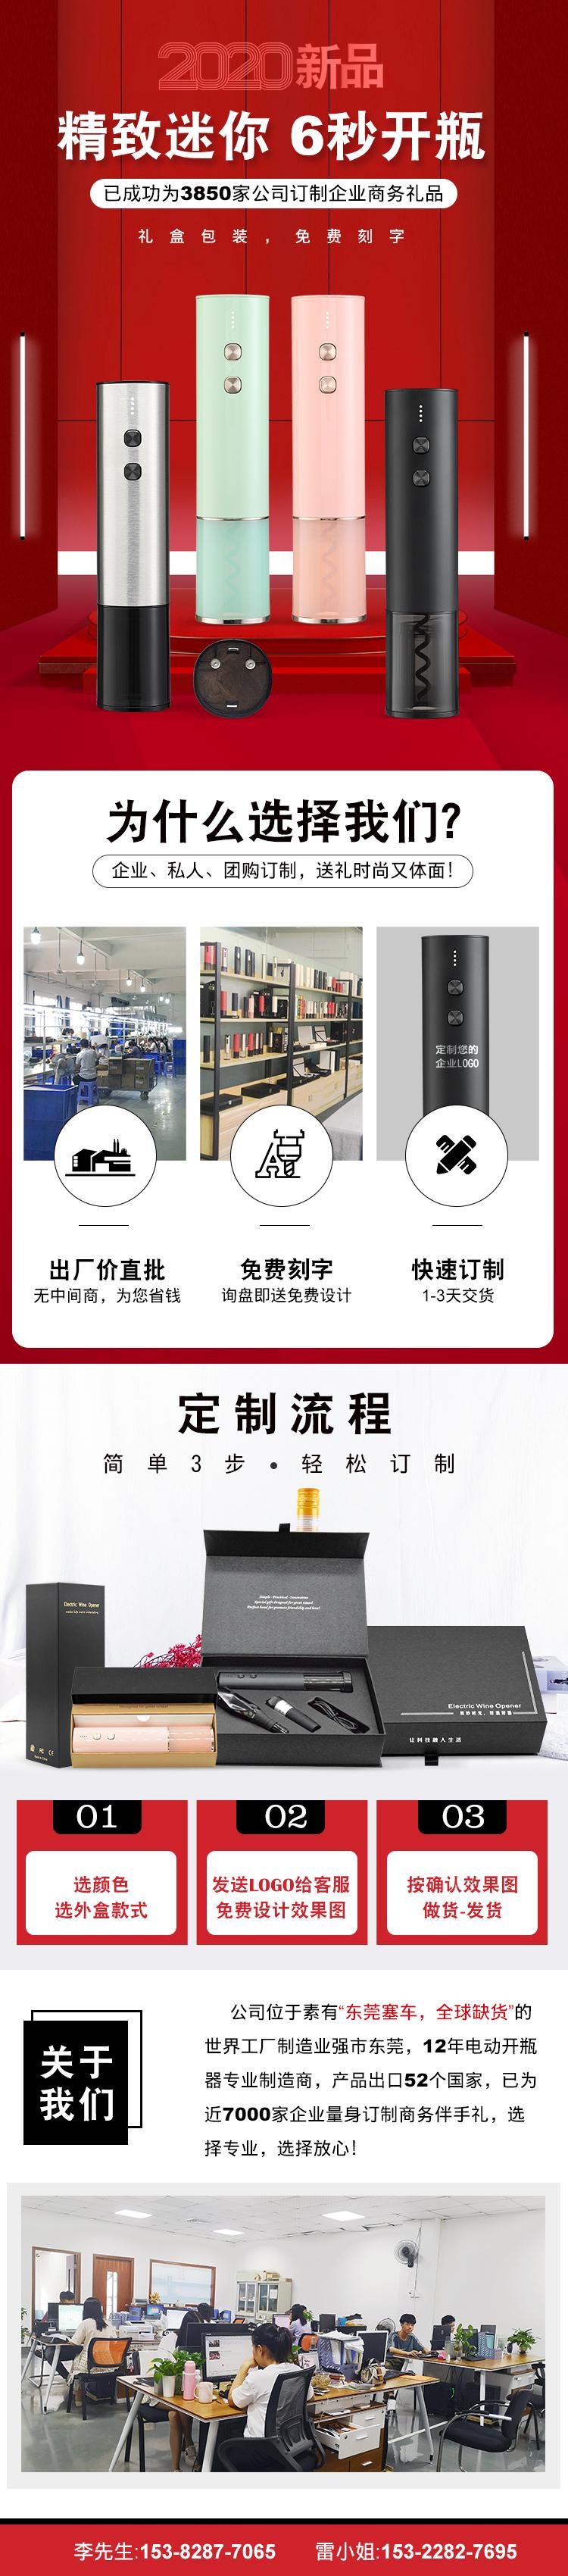 百诣酒具:企业、私人、团购订制,送礼时尚又体面!